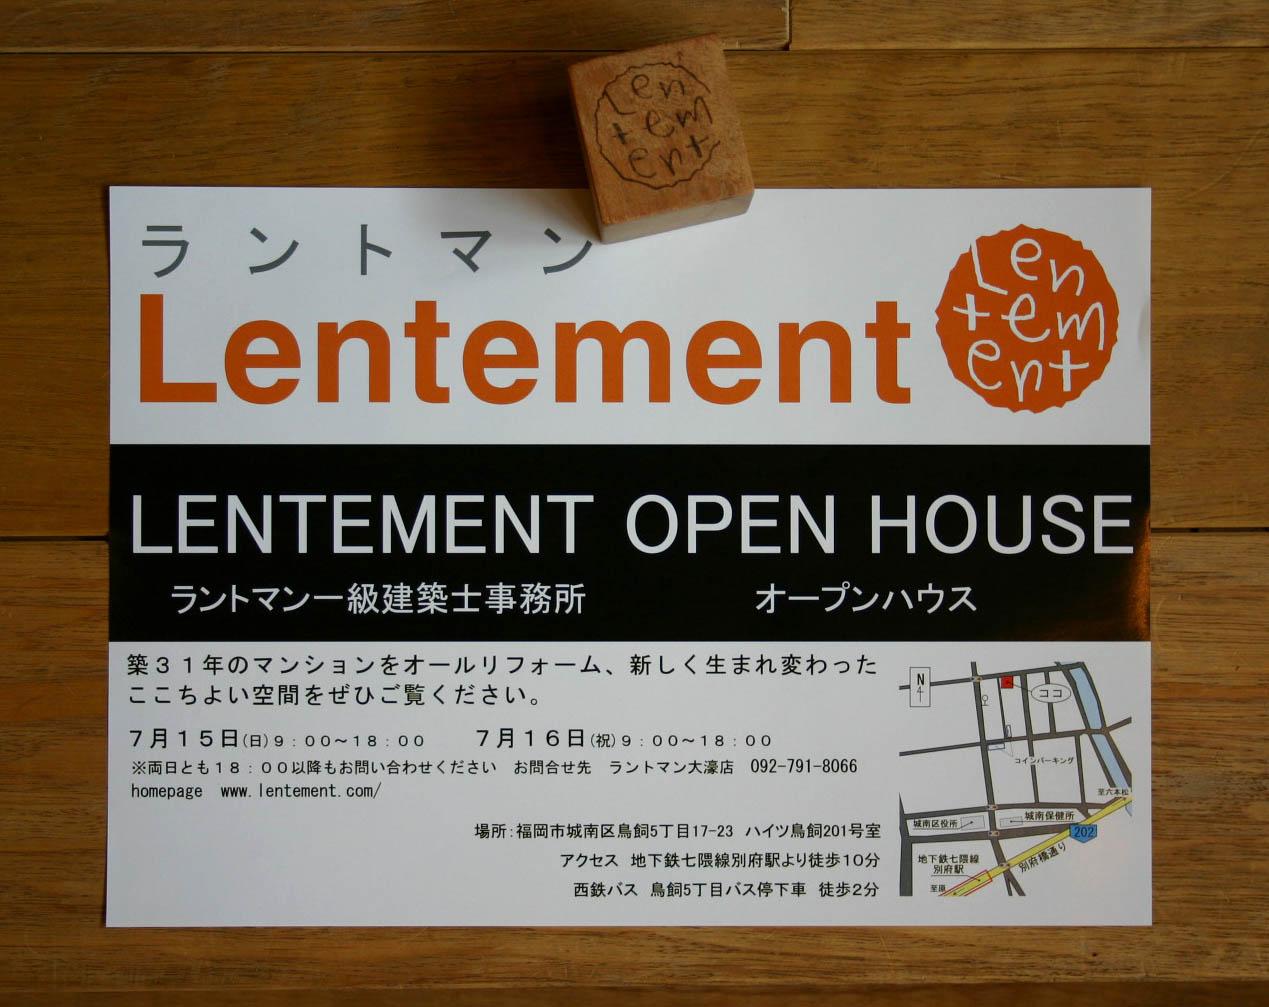 オープンハウス 明日、明後日です。_f0171785_15291361.jpg